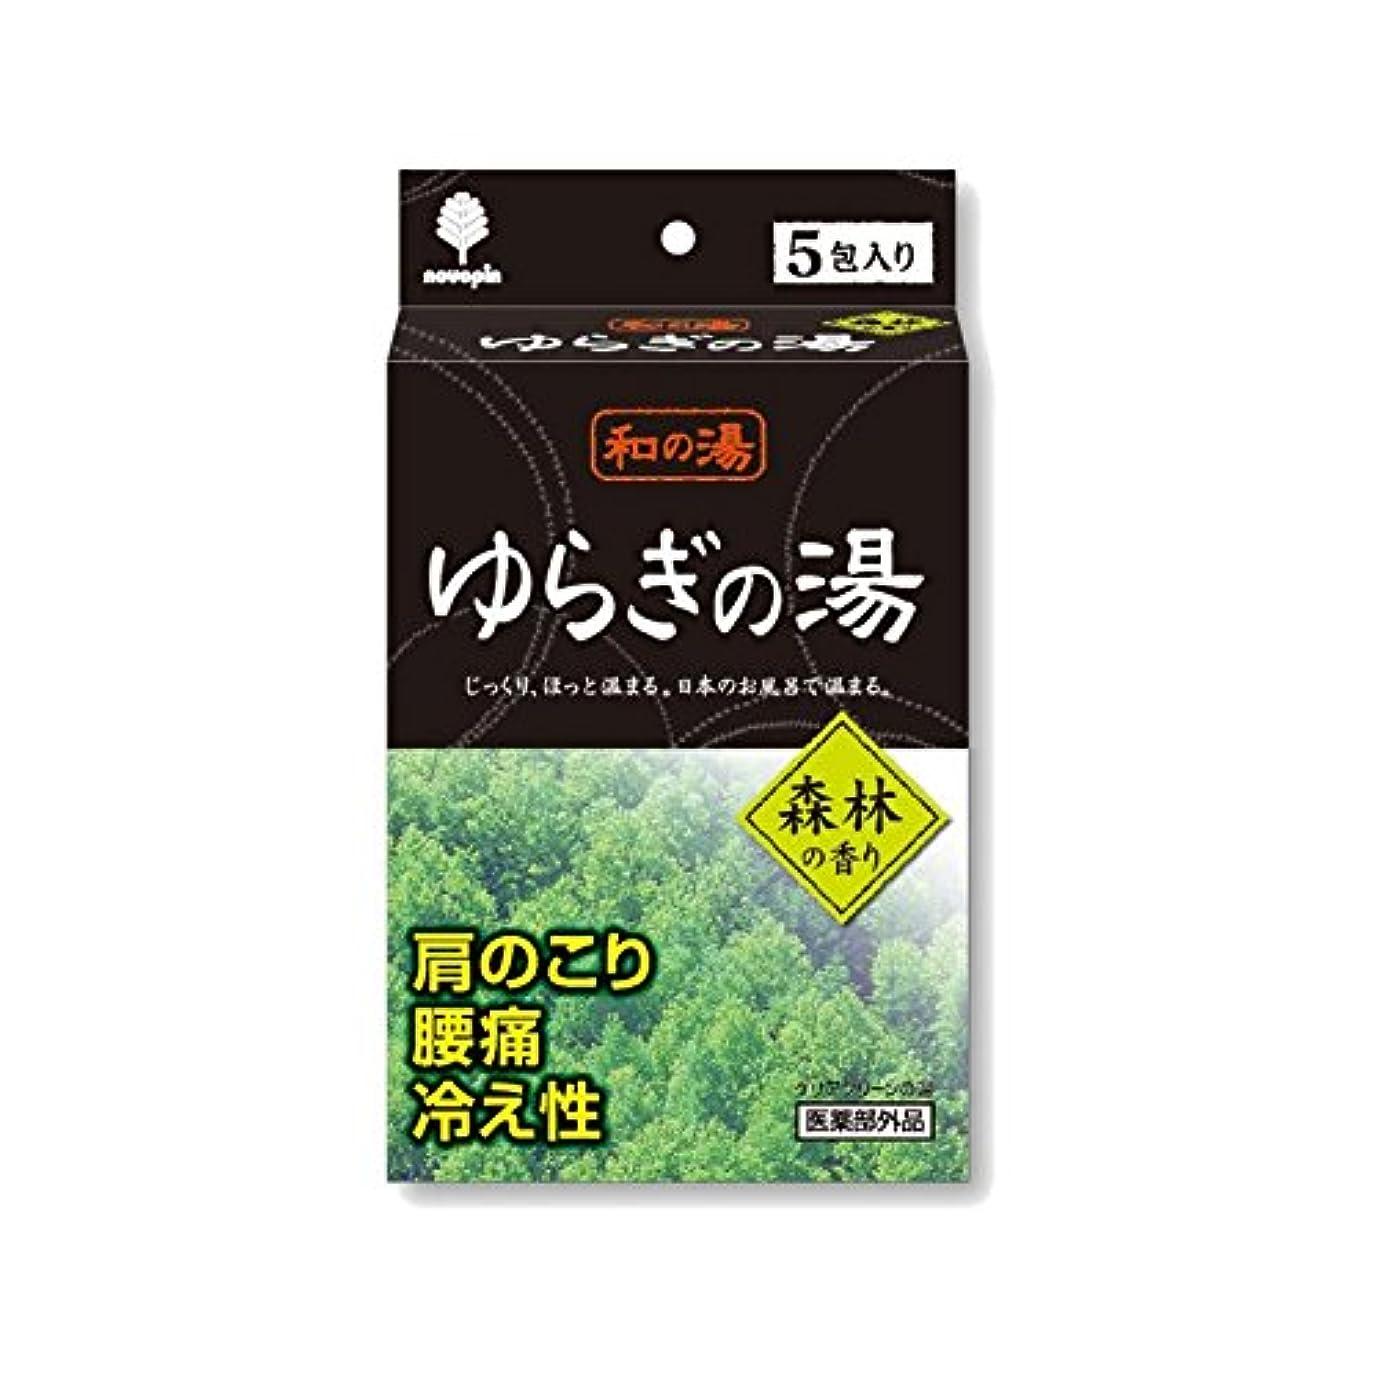 服を片付ける作成者パイプ和の湯 ゆらぎの湯 森林の香り(25gx5)x10